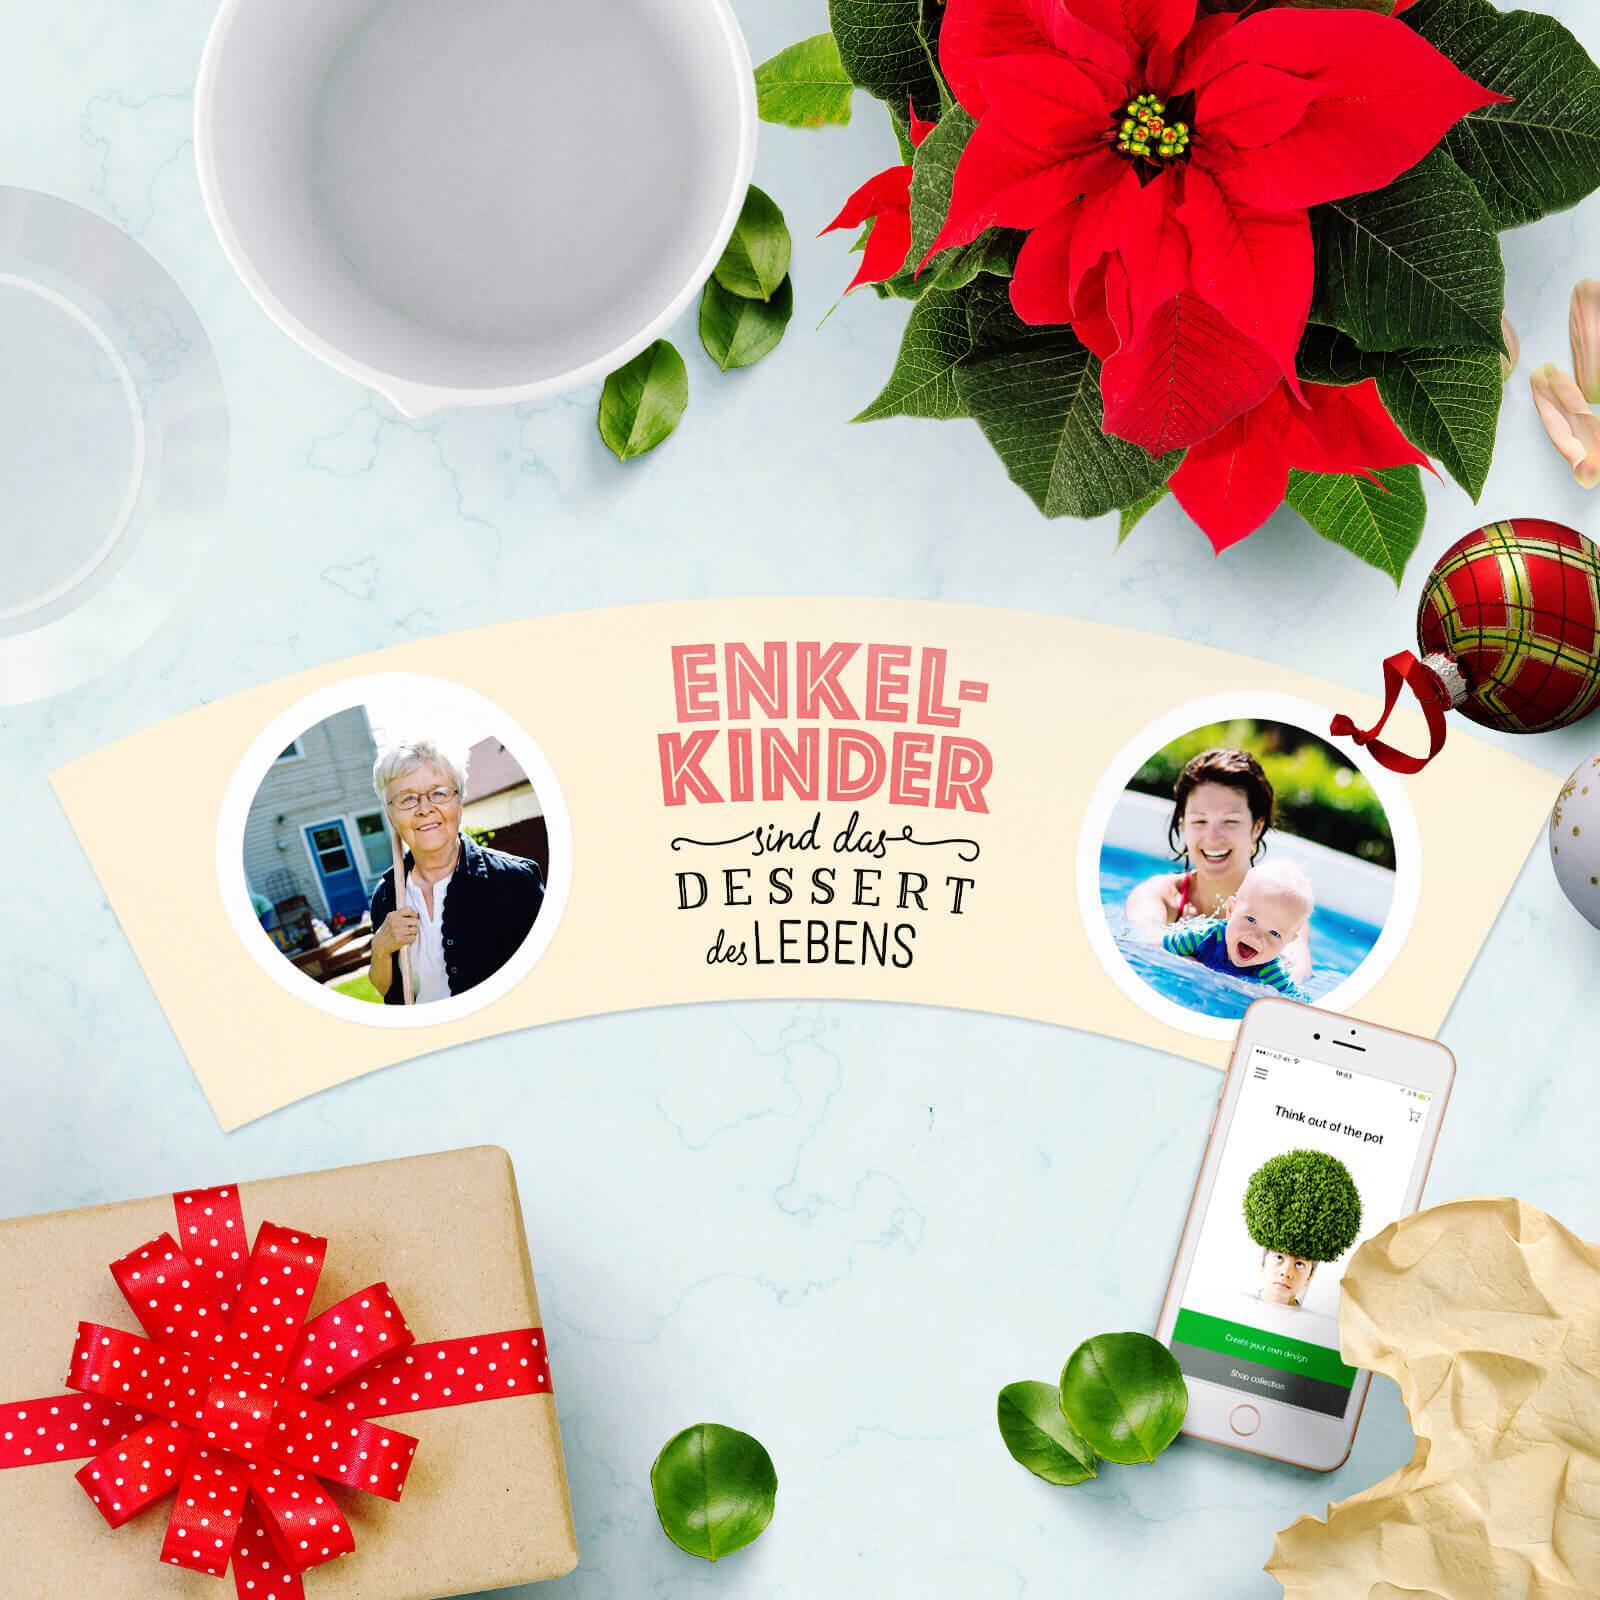 Geschenk von Enkel für Großeltern Enkelkinder Sind Das Dessert des Lebens